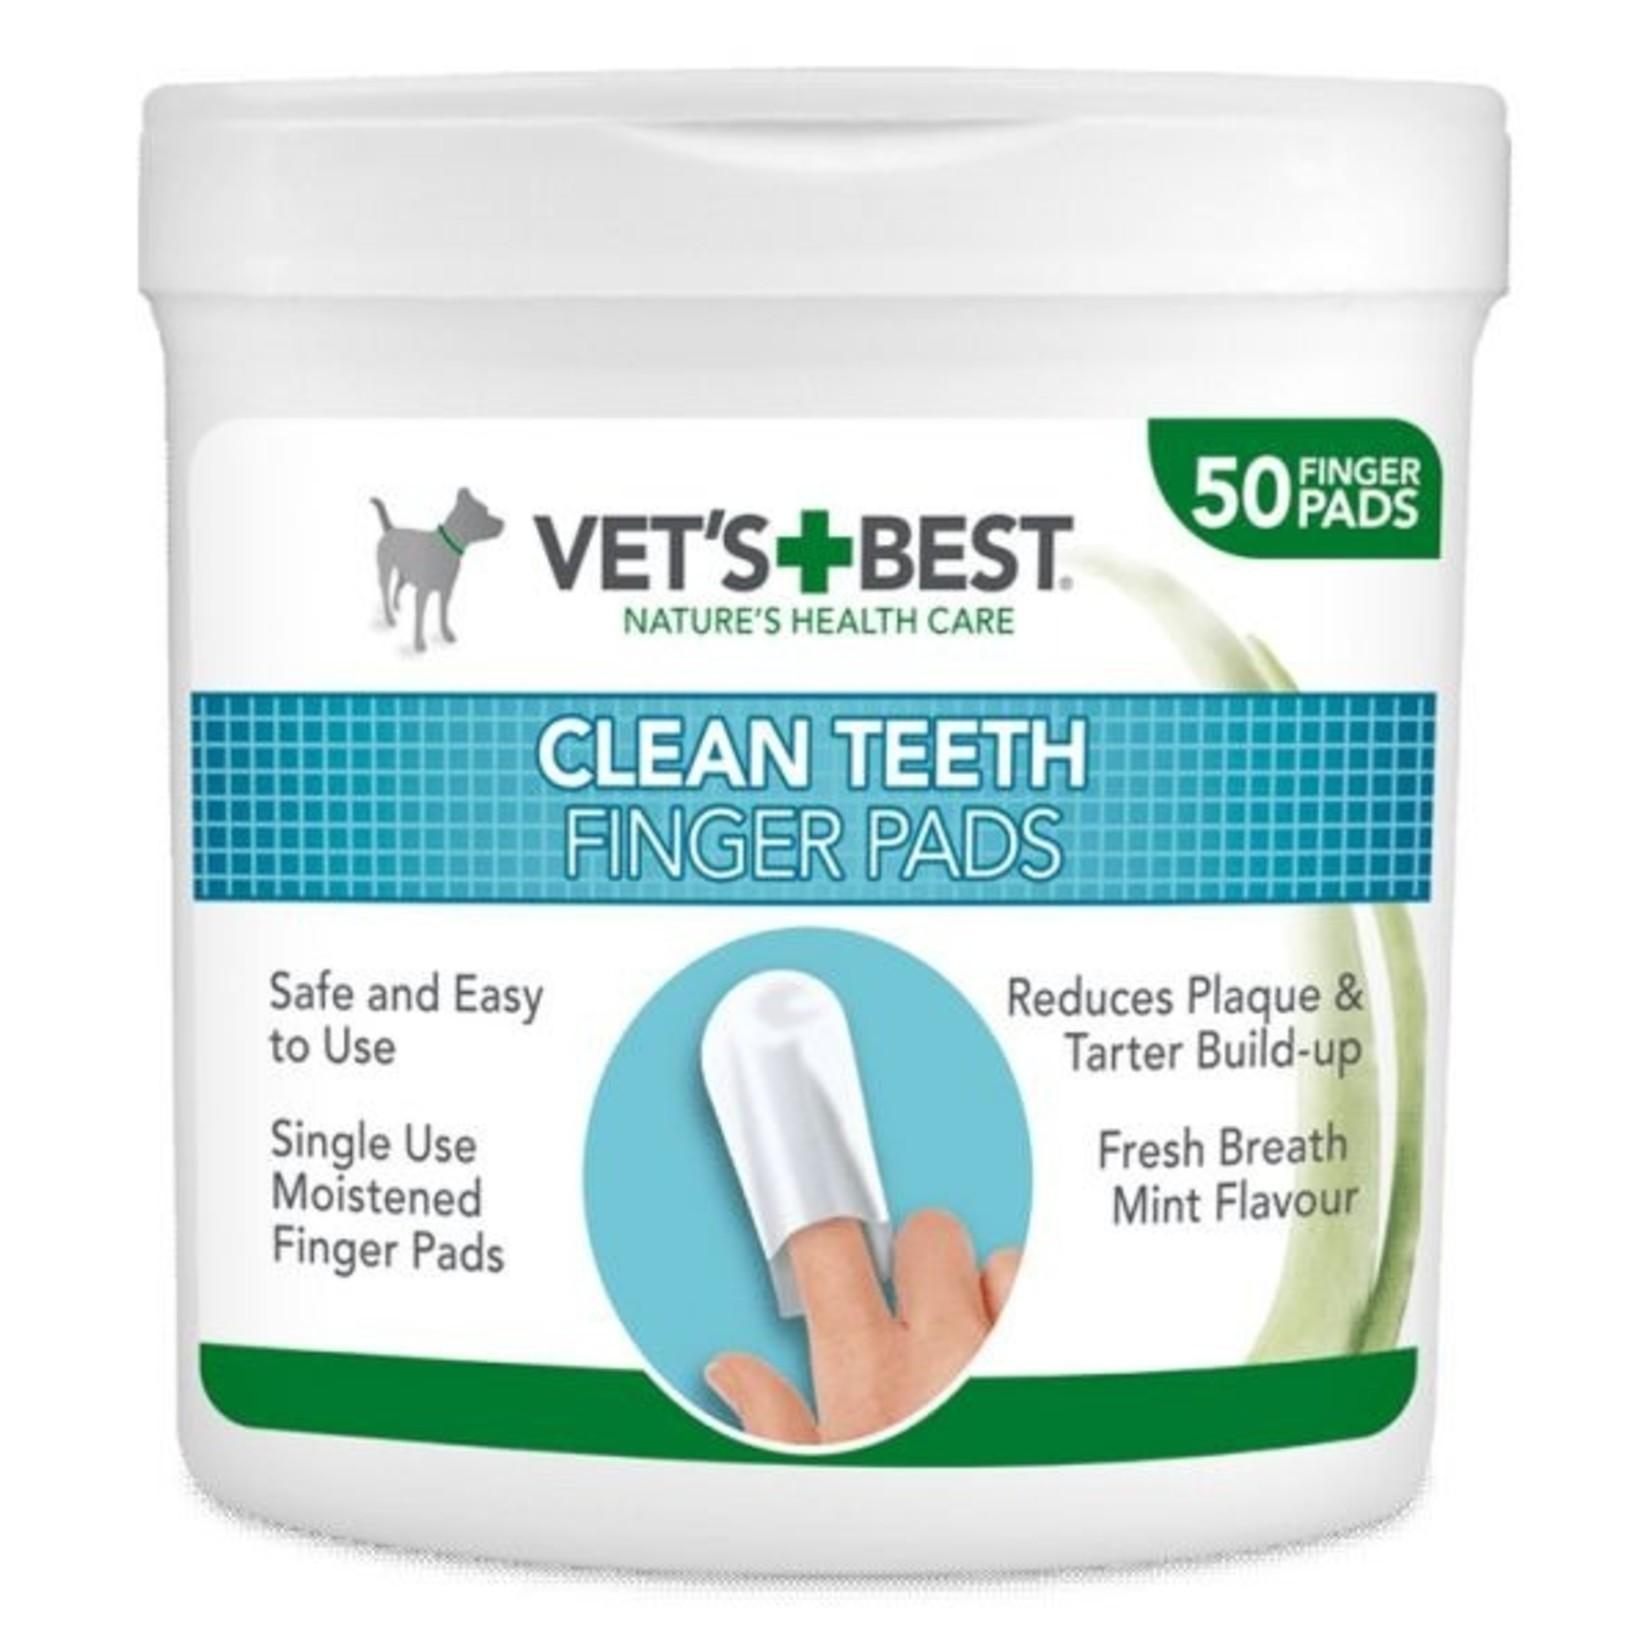 Vet's Best Vet's Best Clean Teeth Finger Pads5,19